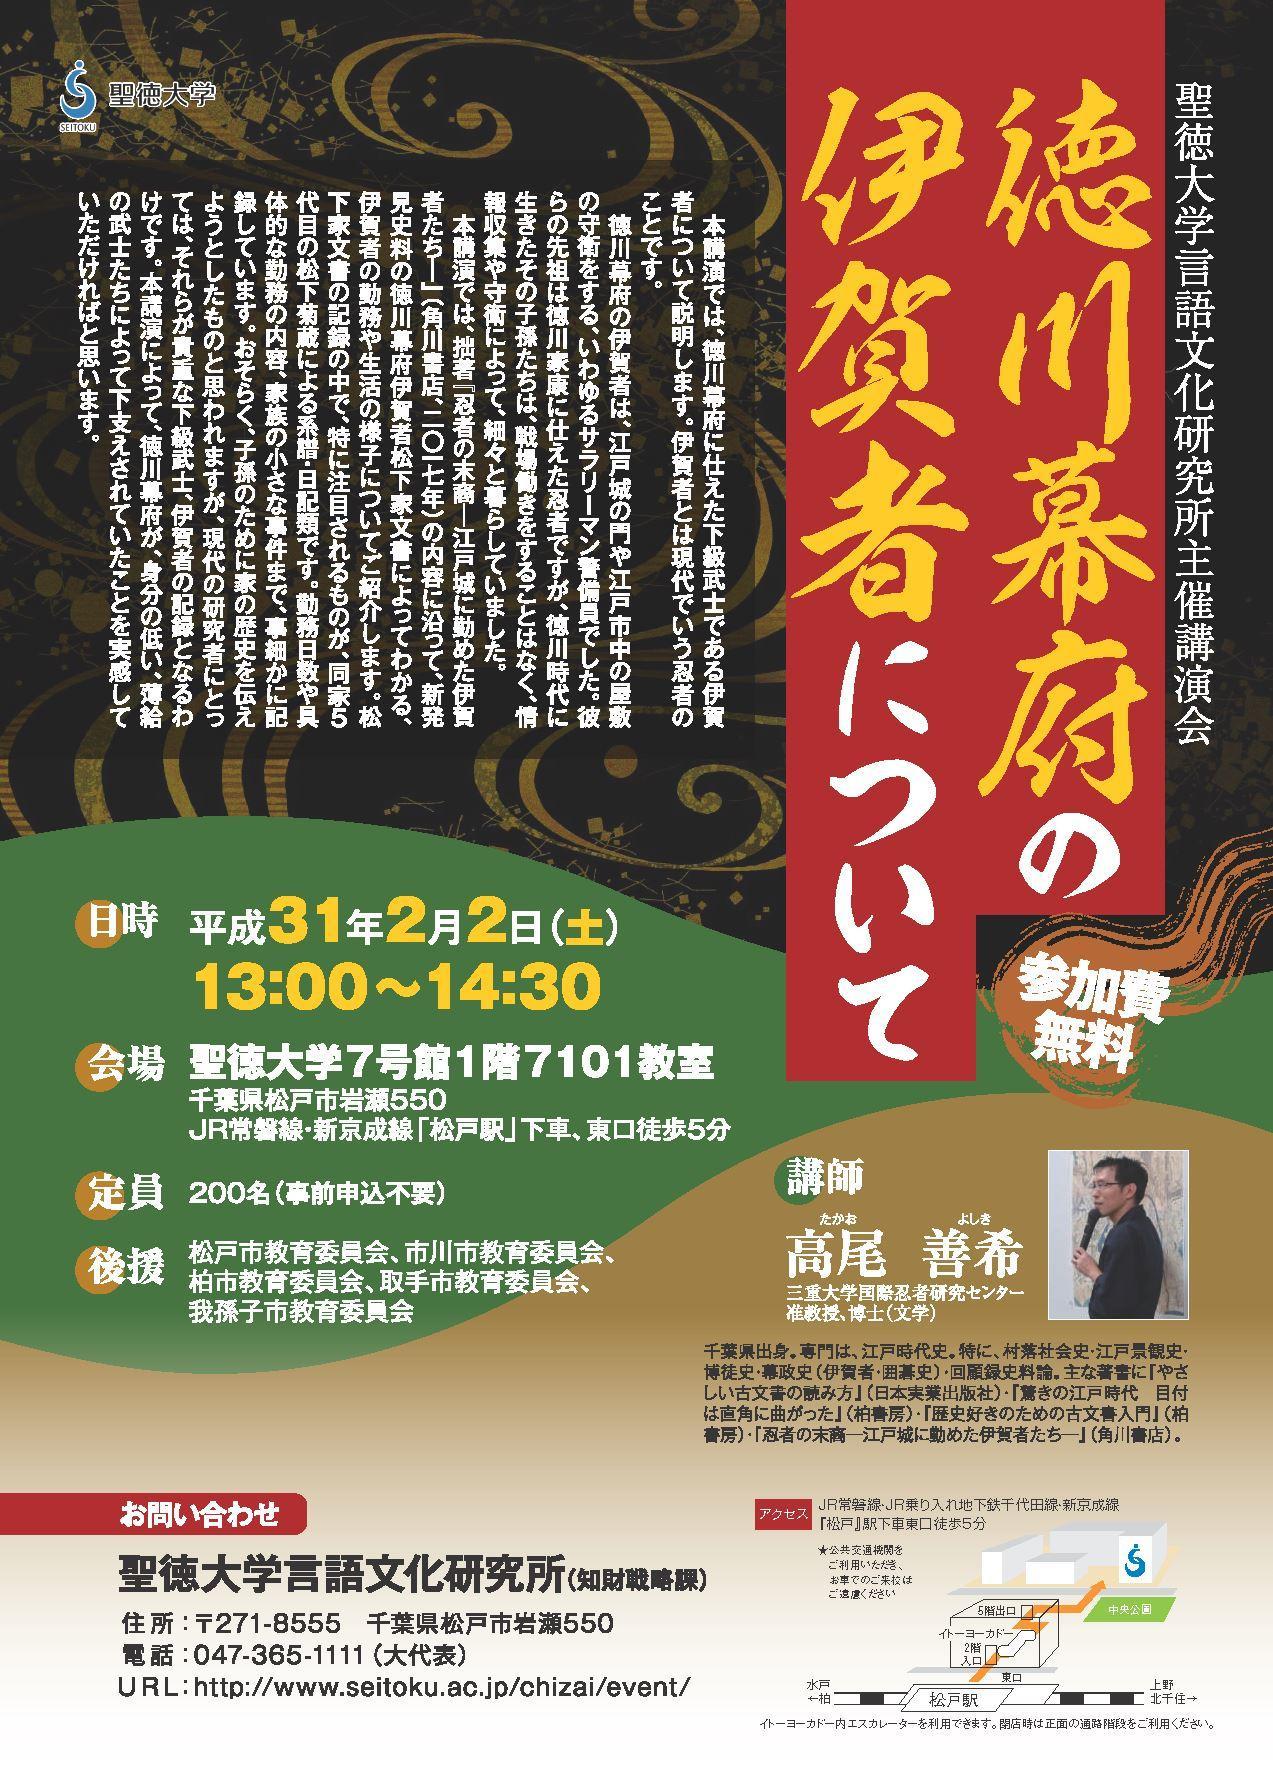 聖徳大学が講演会「徳川幕府の伊賀者について」を2月2日に開催 -- 徳川時代における忍者の末裔たちの意外な実態を紹介